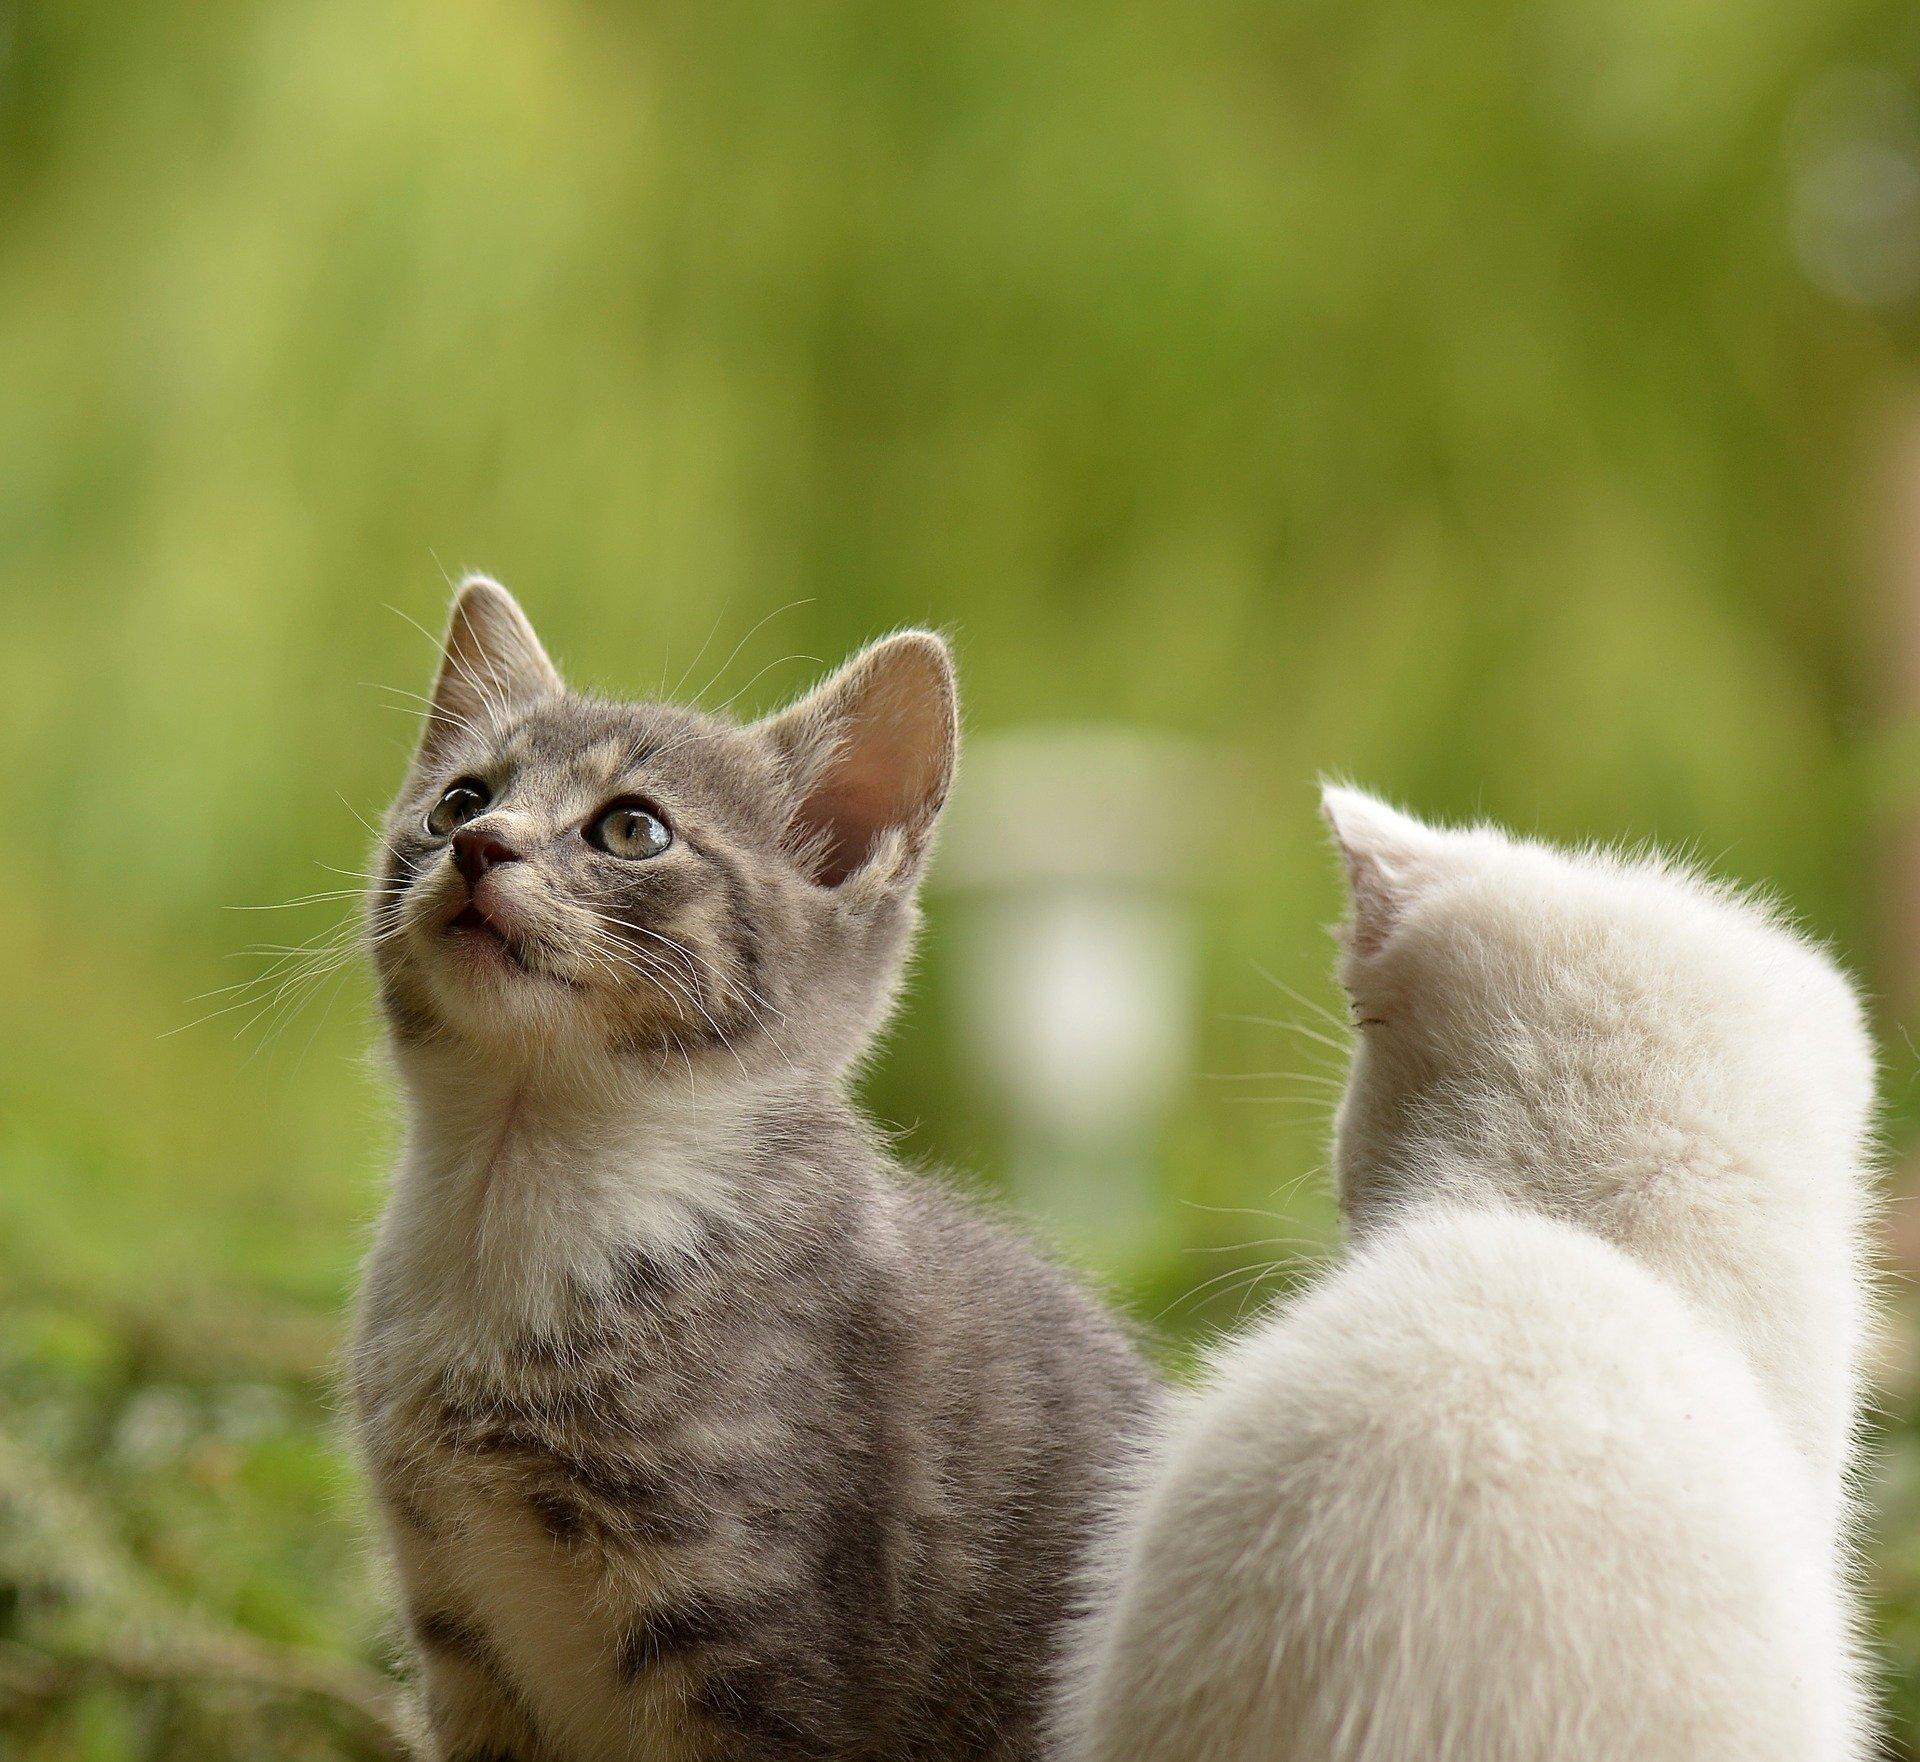 Los gatos jóvenes no deberían salir a la calle